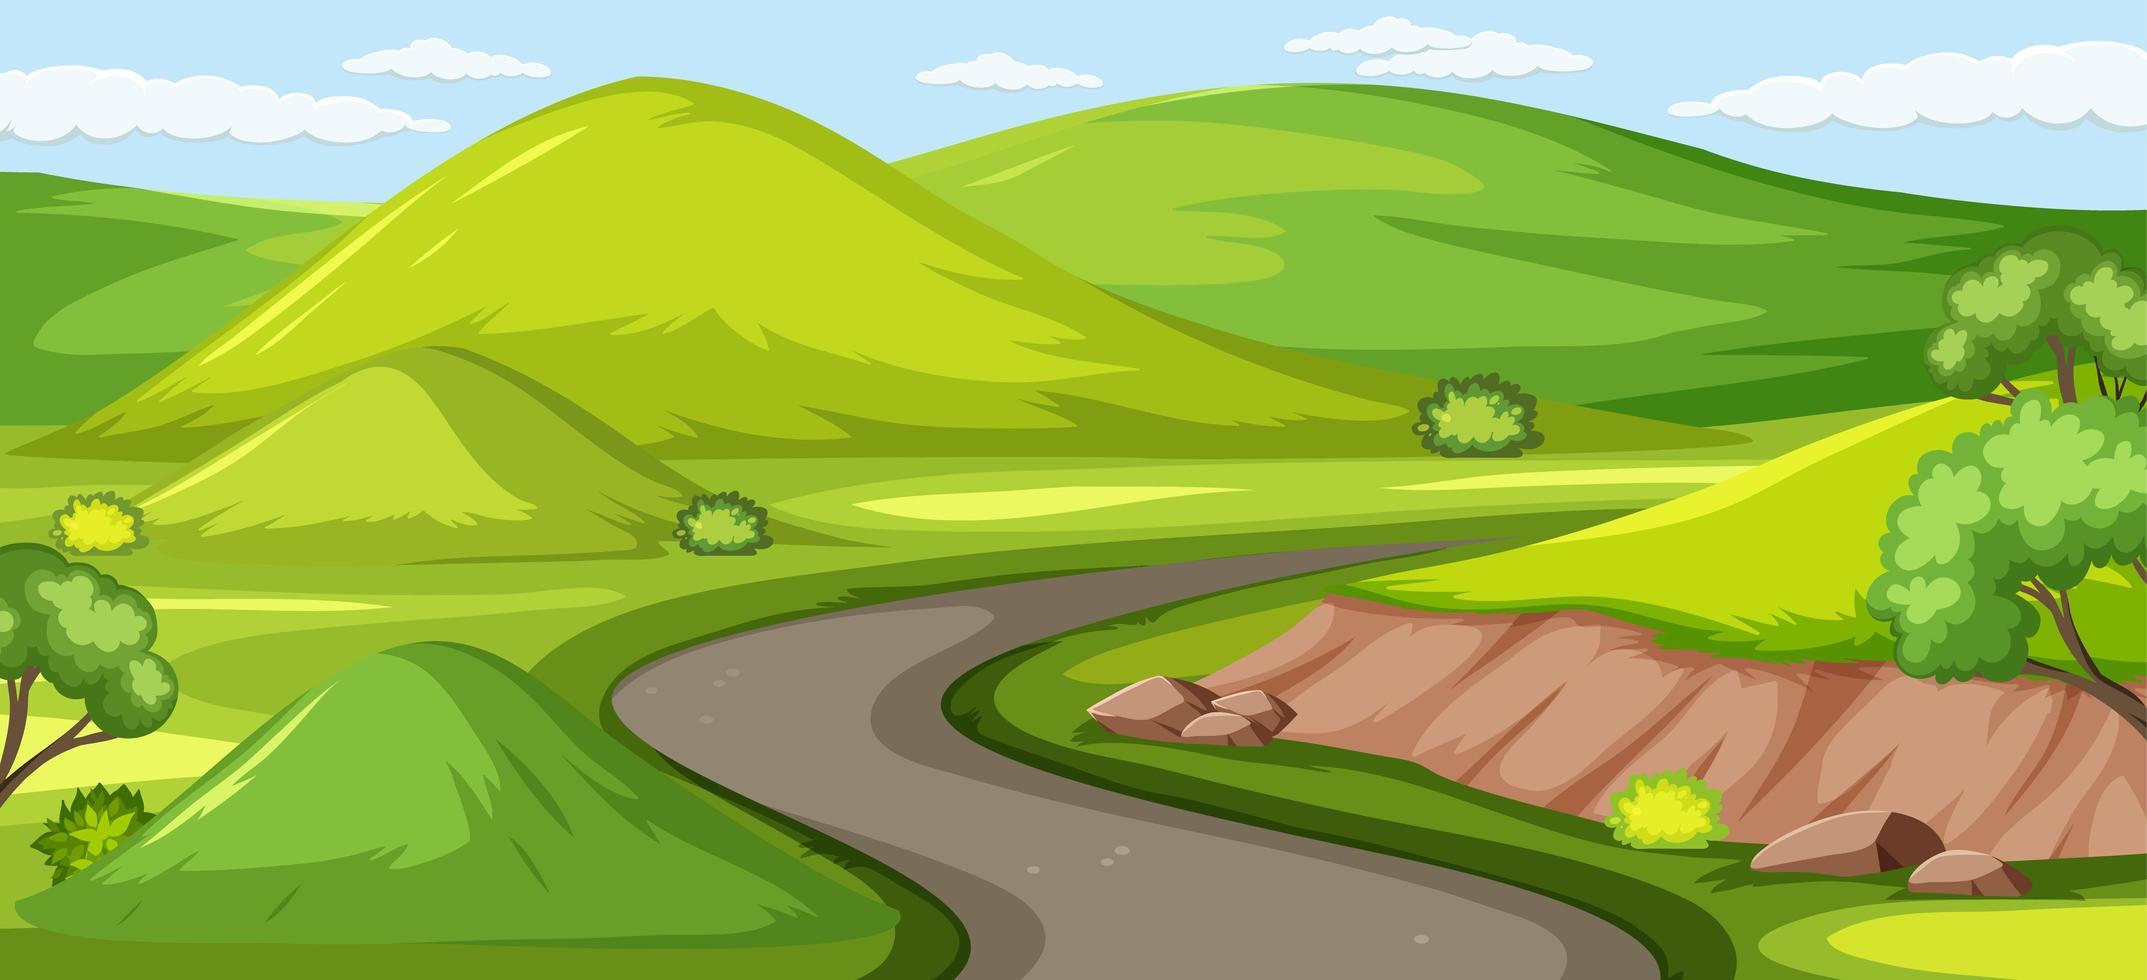 sfondo di natura verde all'aperto vettore